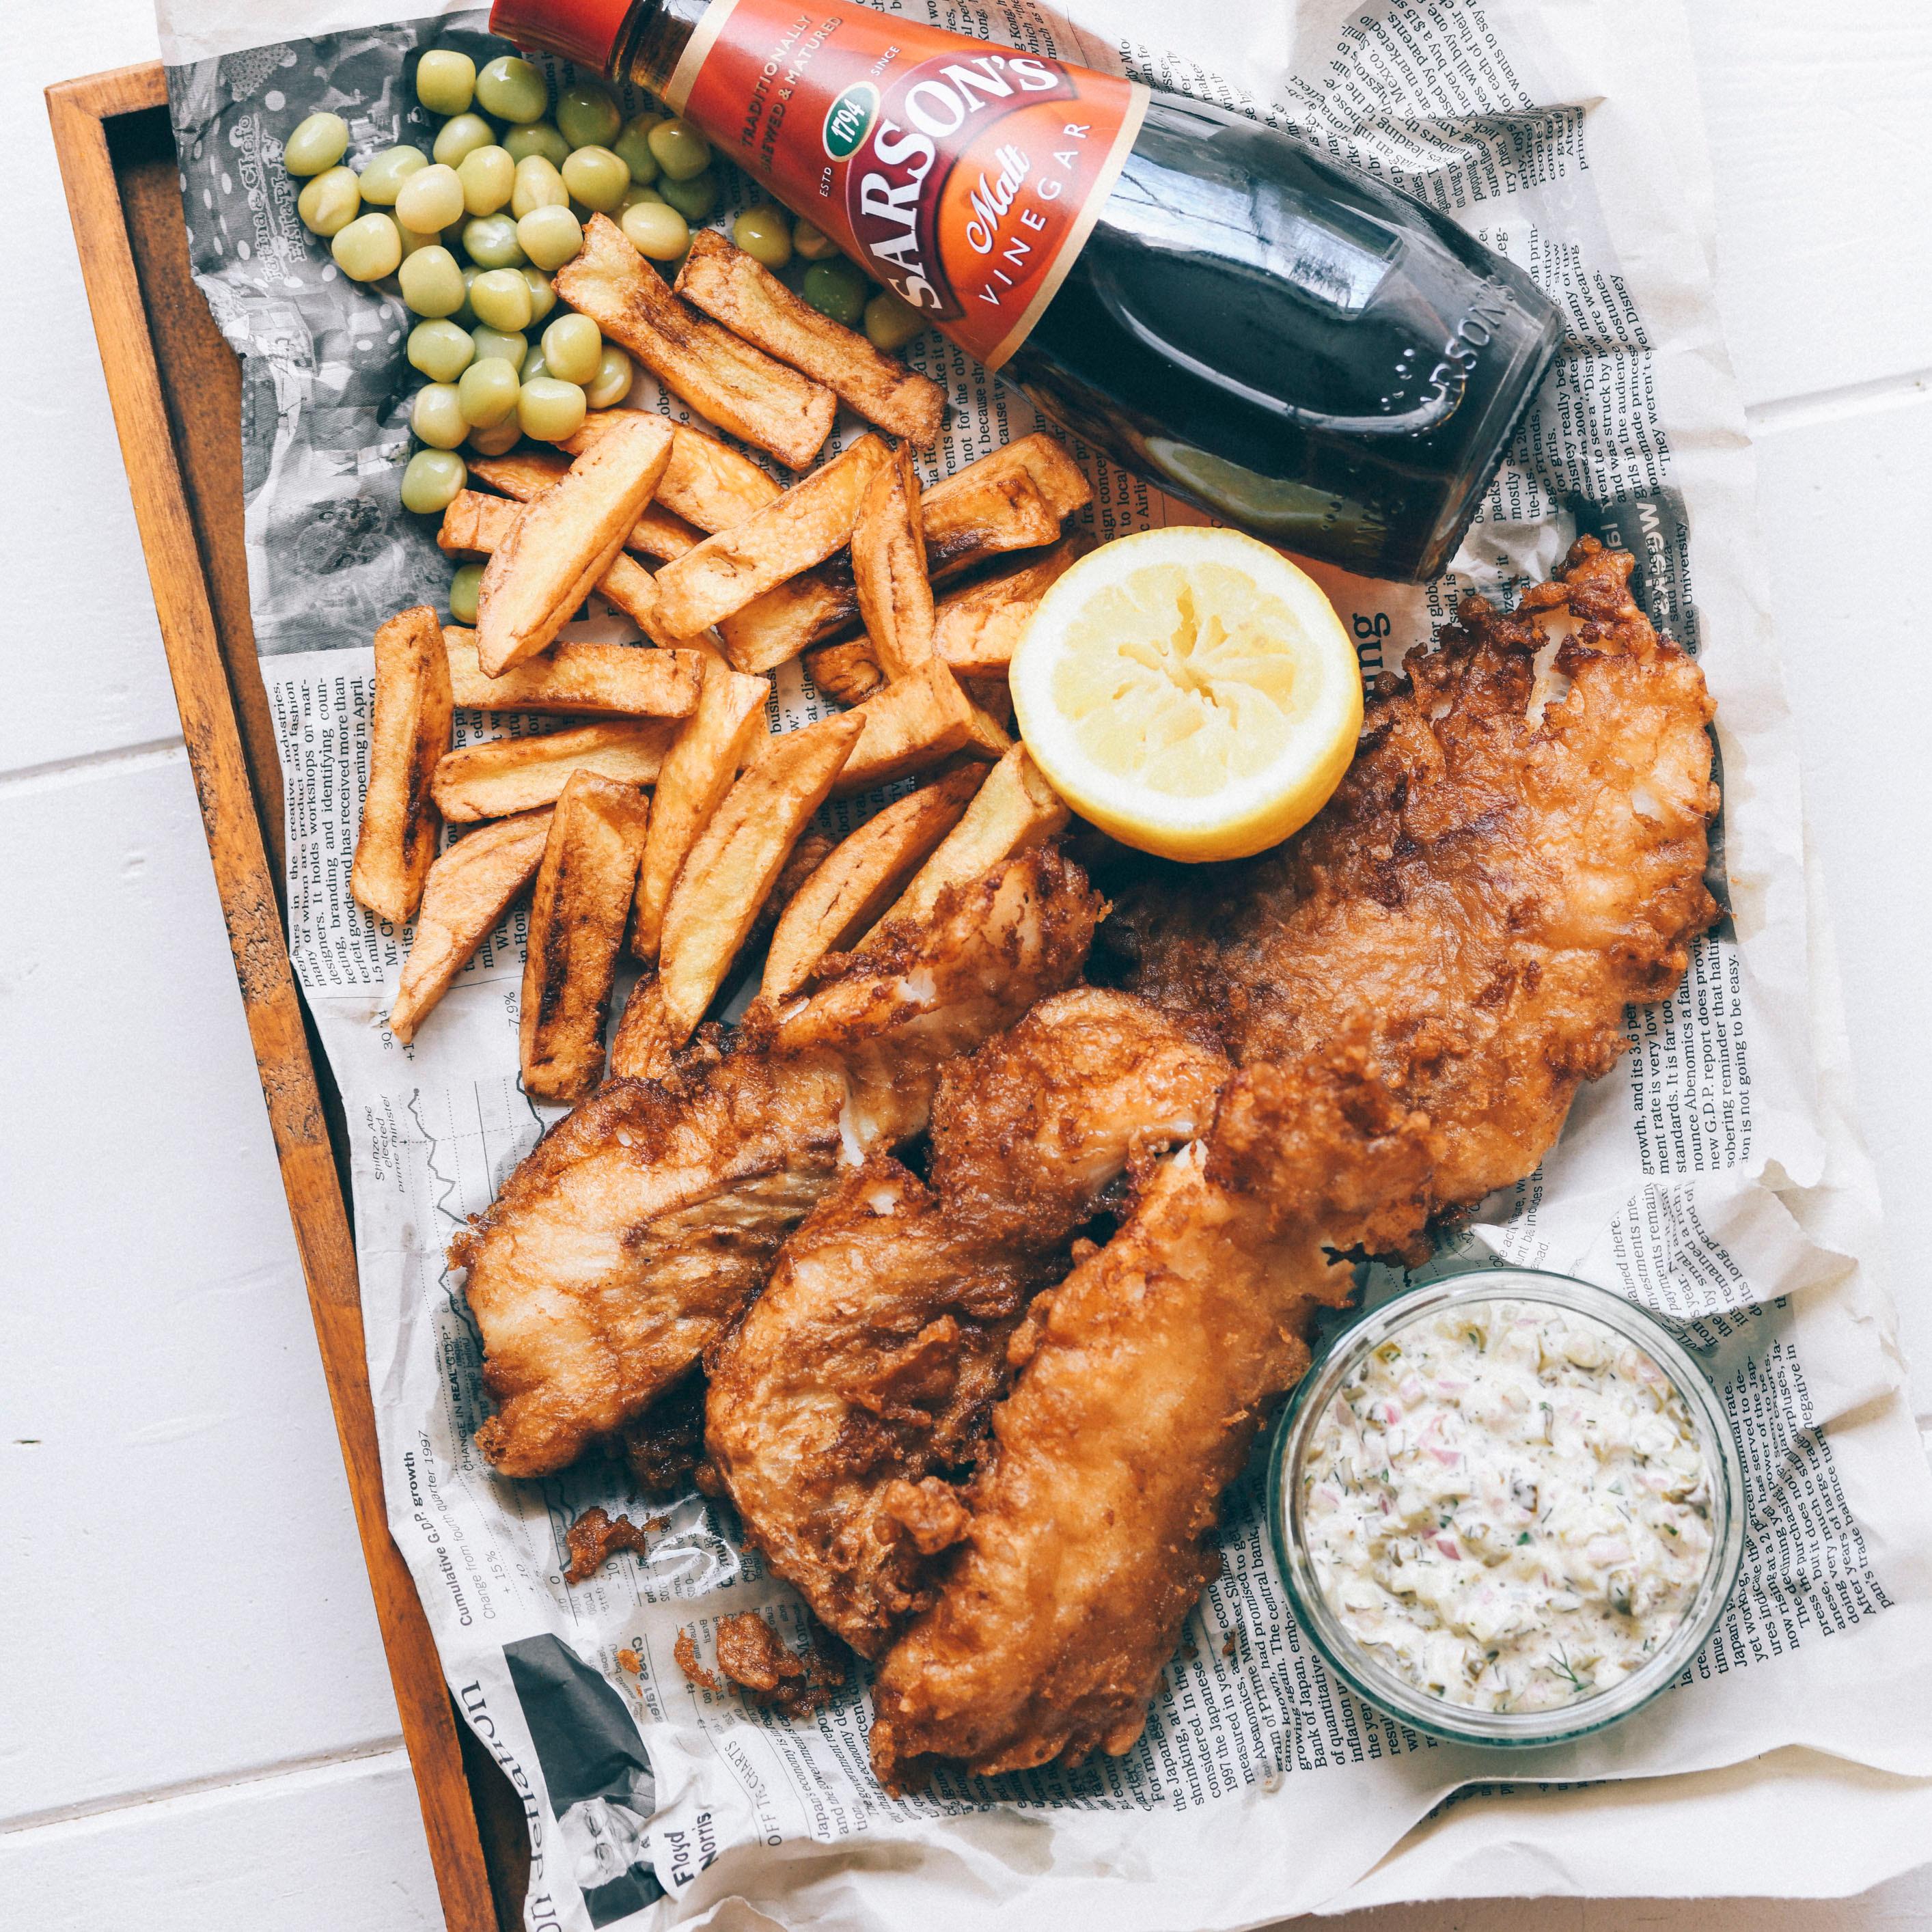 イギリスを代表する料理の一つ「フィッシュ アンド チップス」